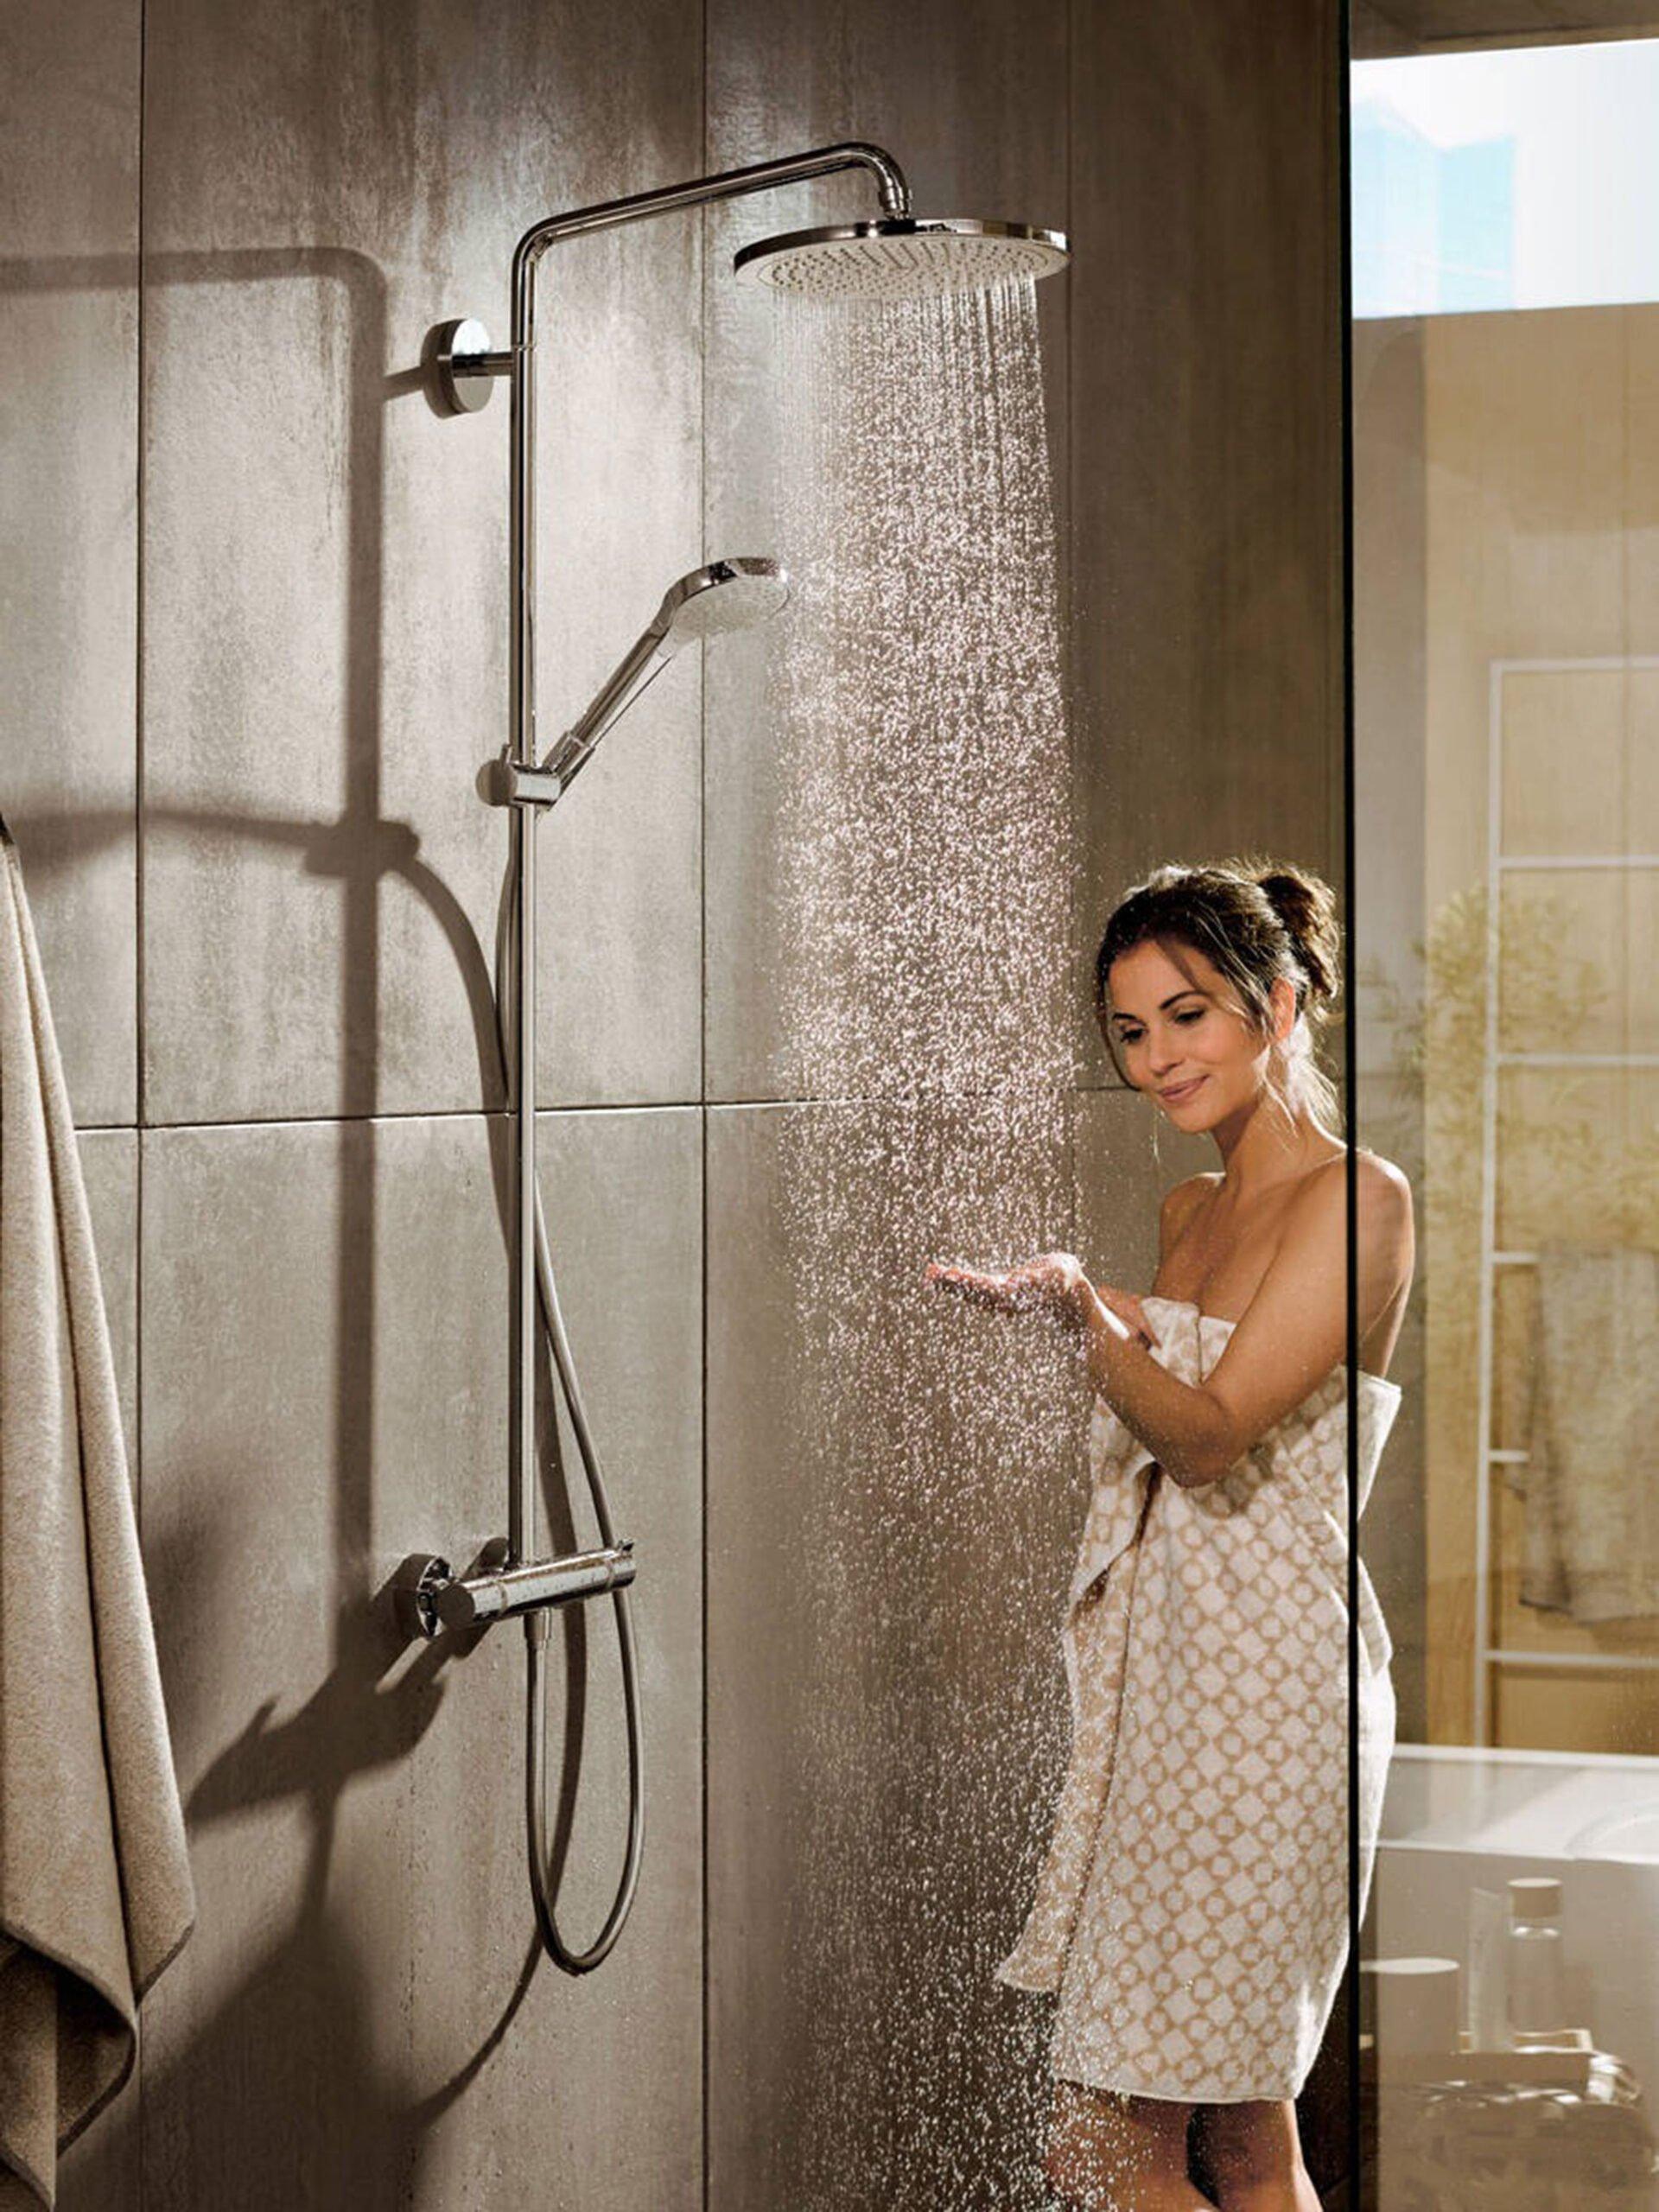 Grifos termostáticos de ducha en Dénia – Suministros Denia